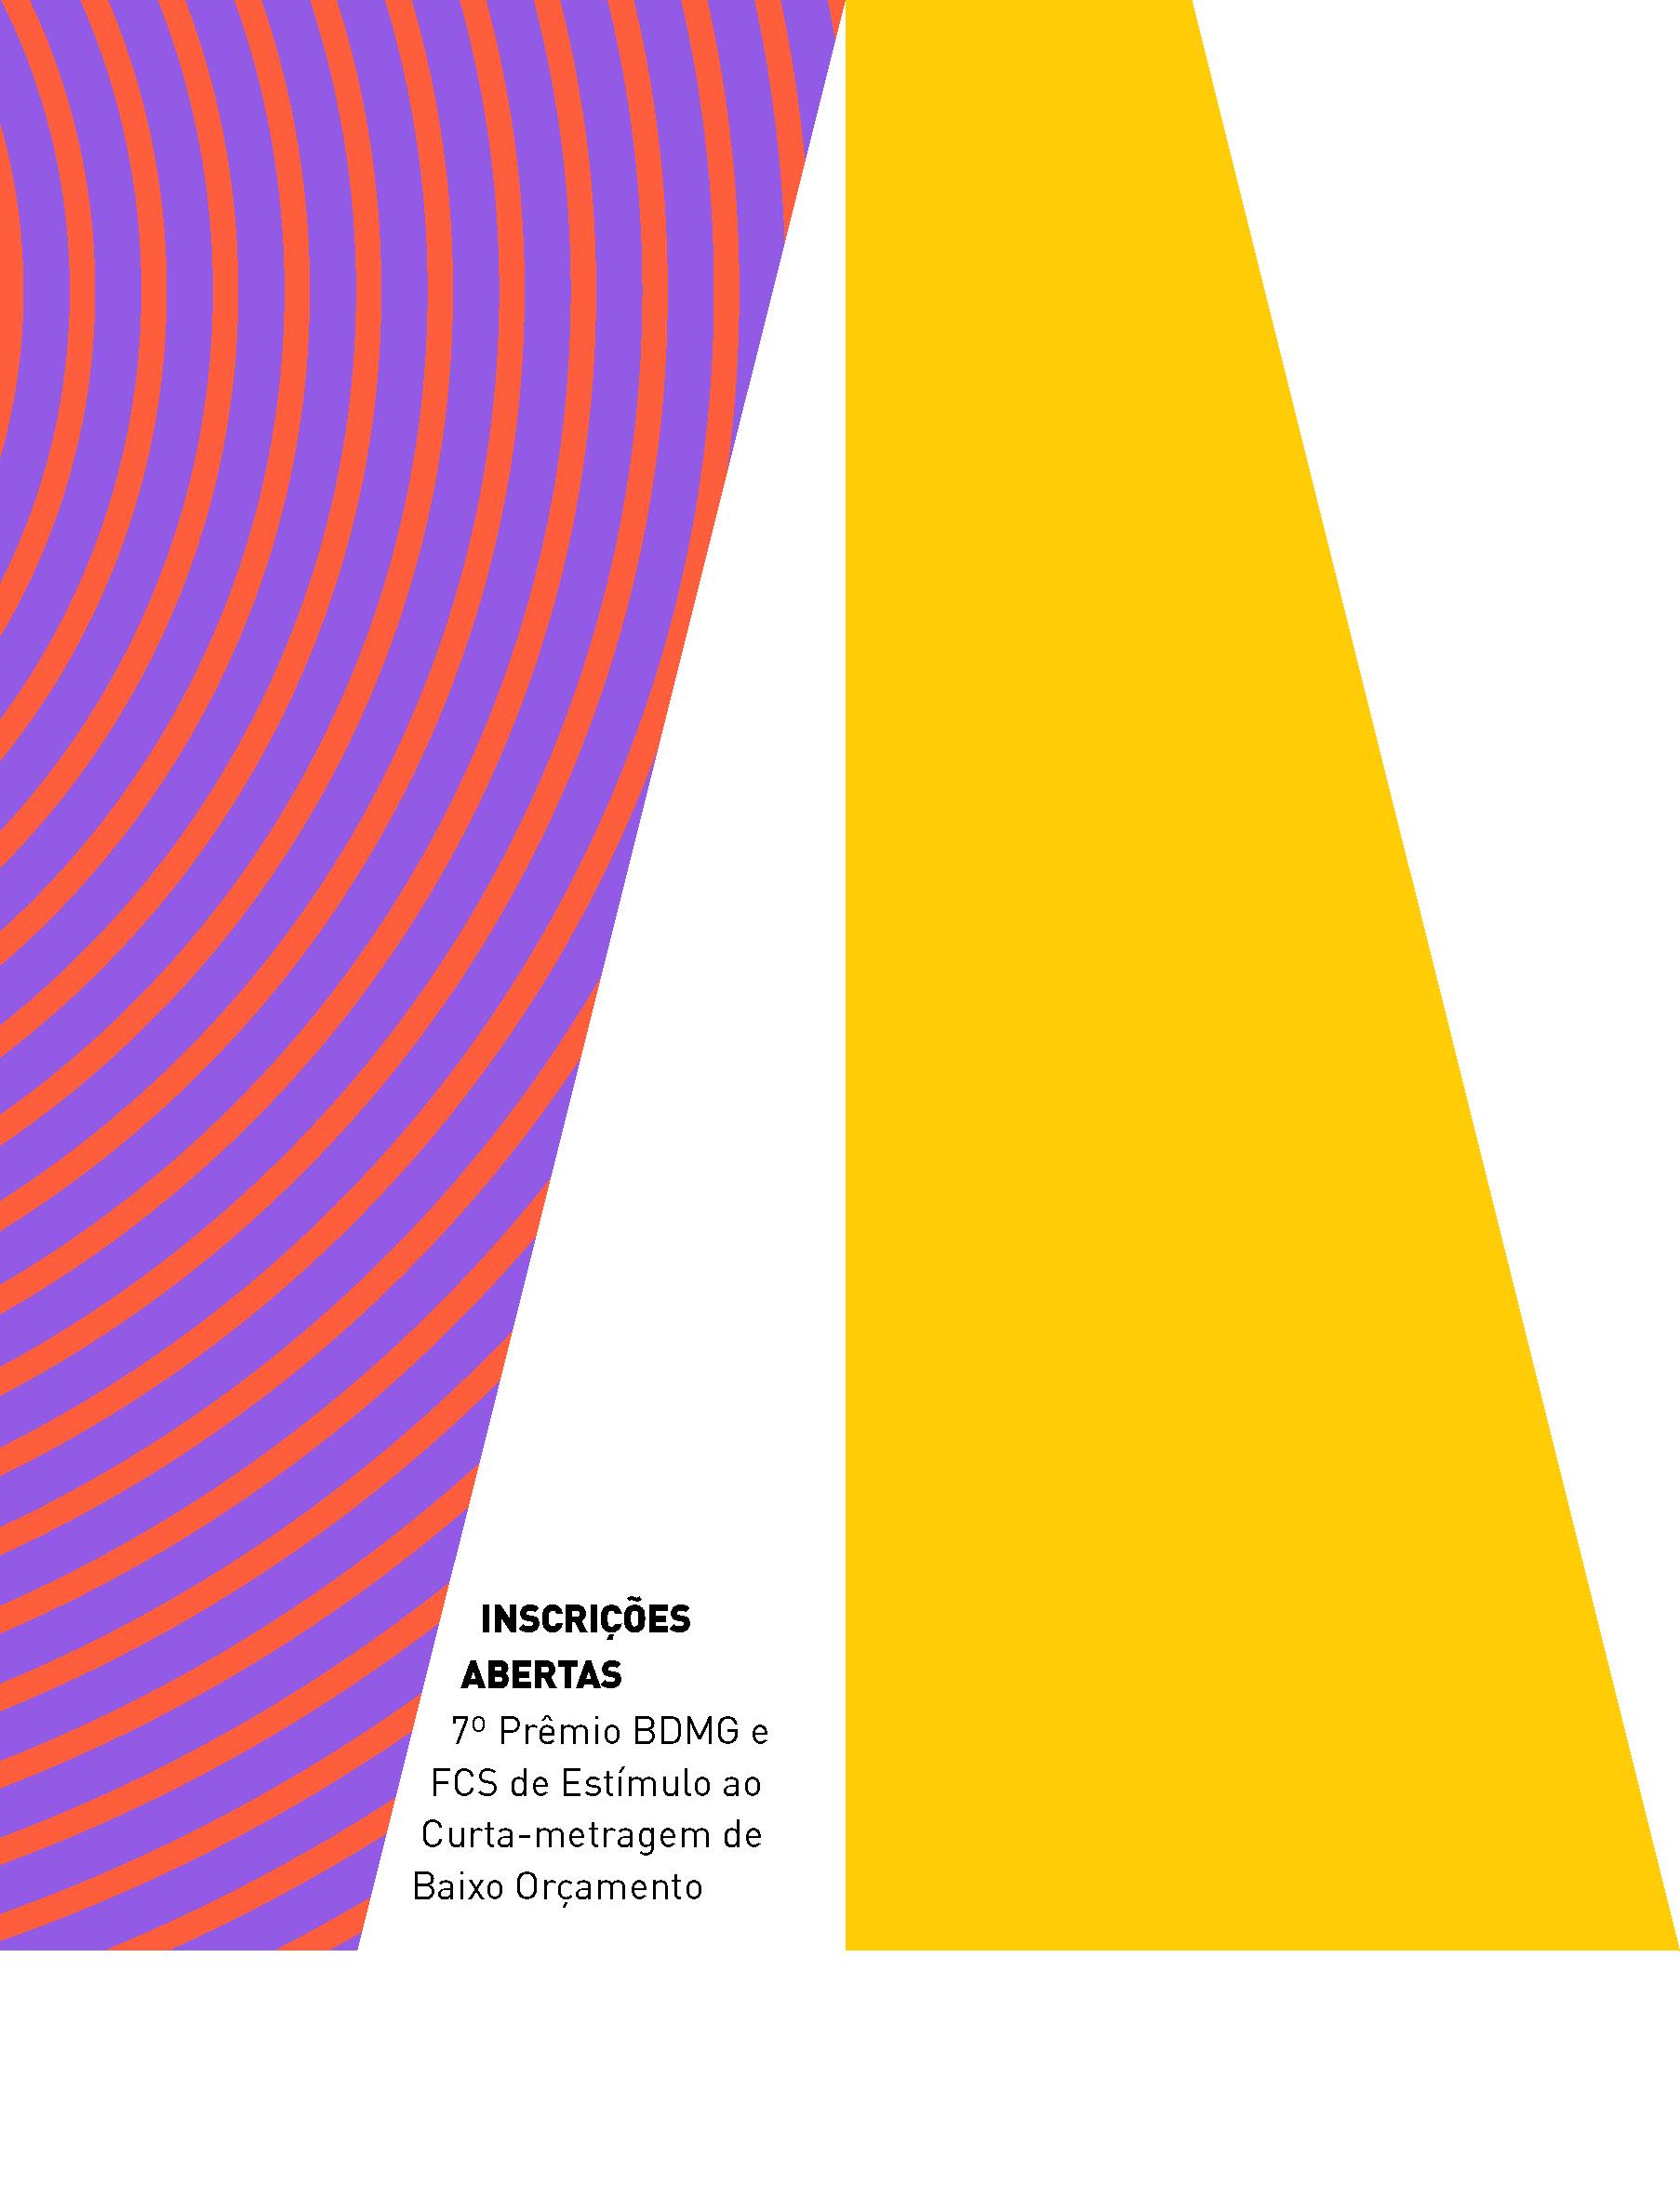 Evento: 7º Prêmio BDMG Cultural / FCS de Estímulo ao Curta-Metragem de Baixo Orçamento